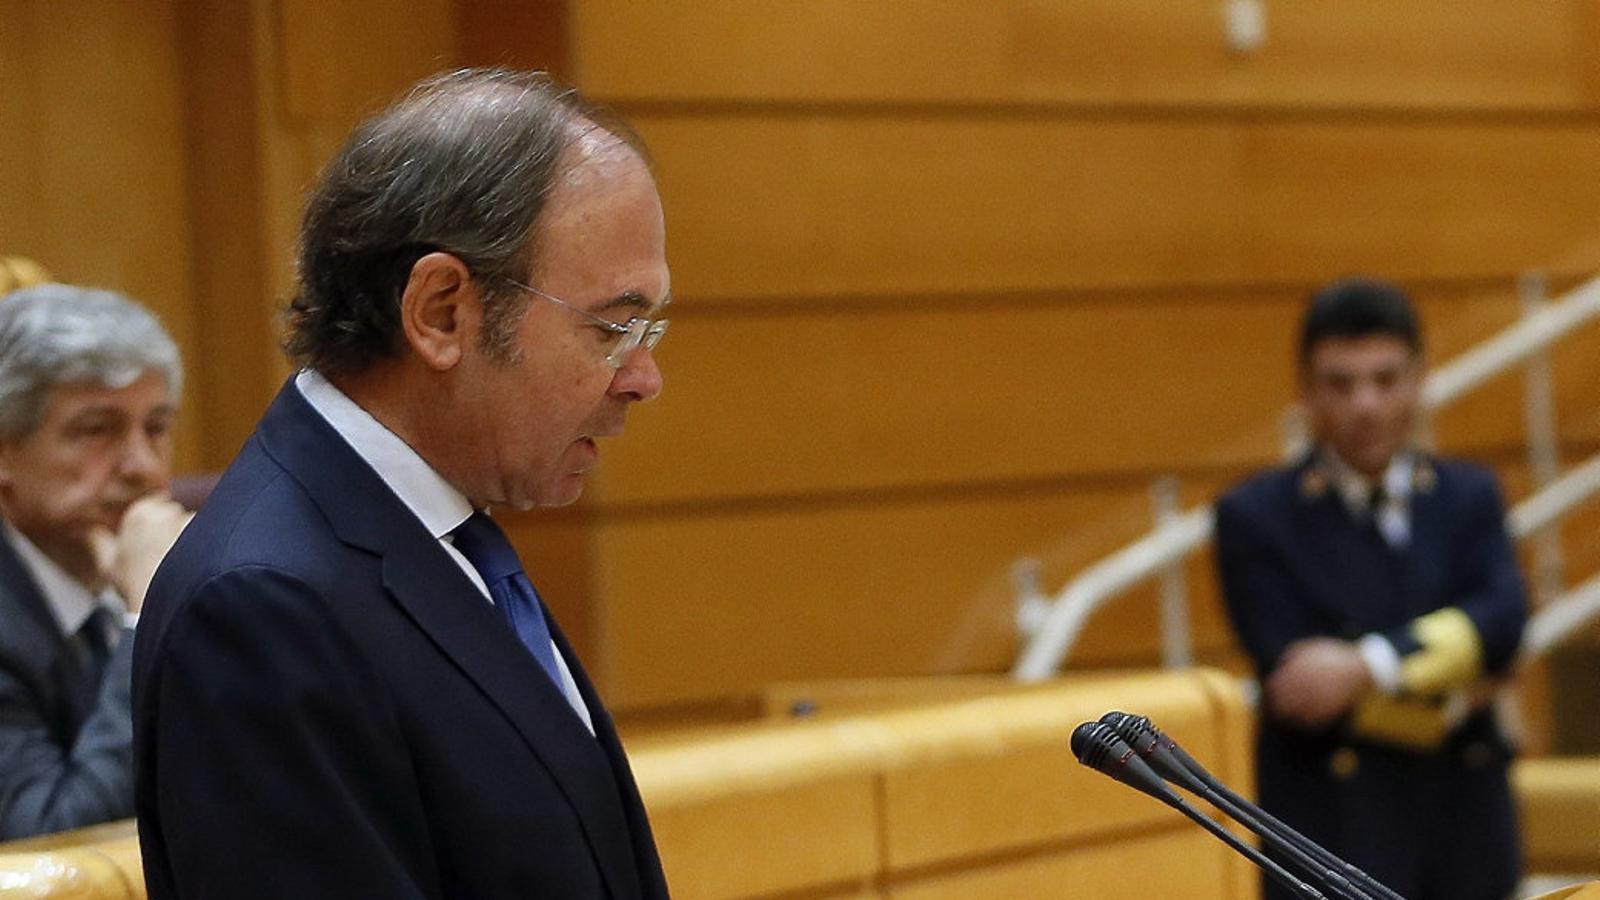 El president del Senat, Pío García-Escudero, ja ha convocat la reunió de la mesa demà.